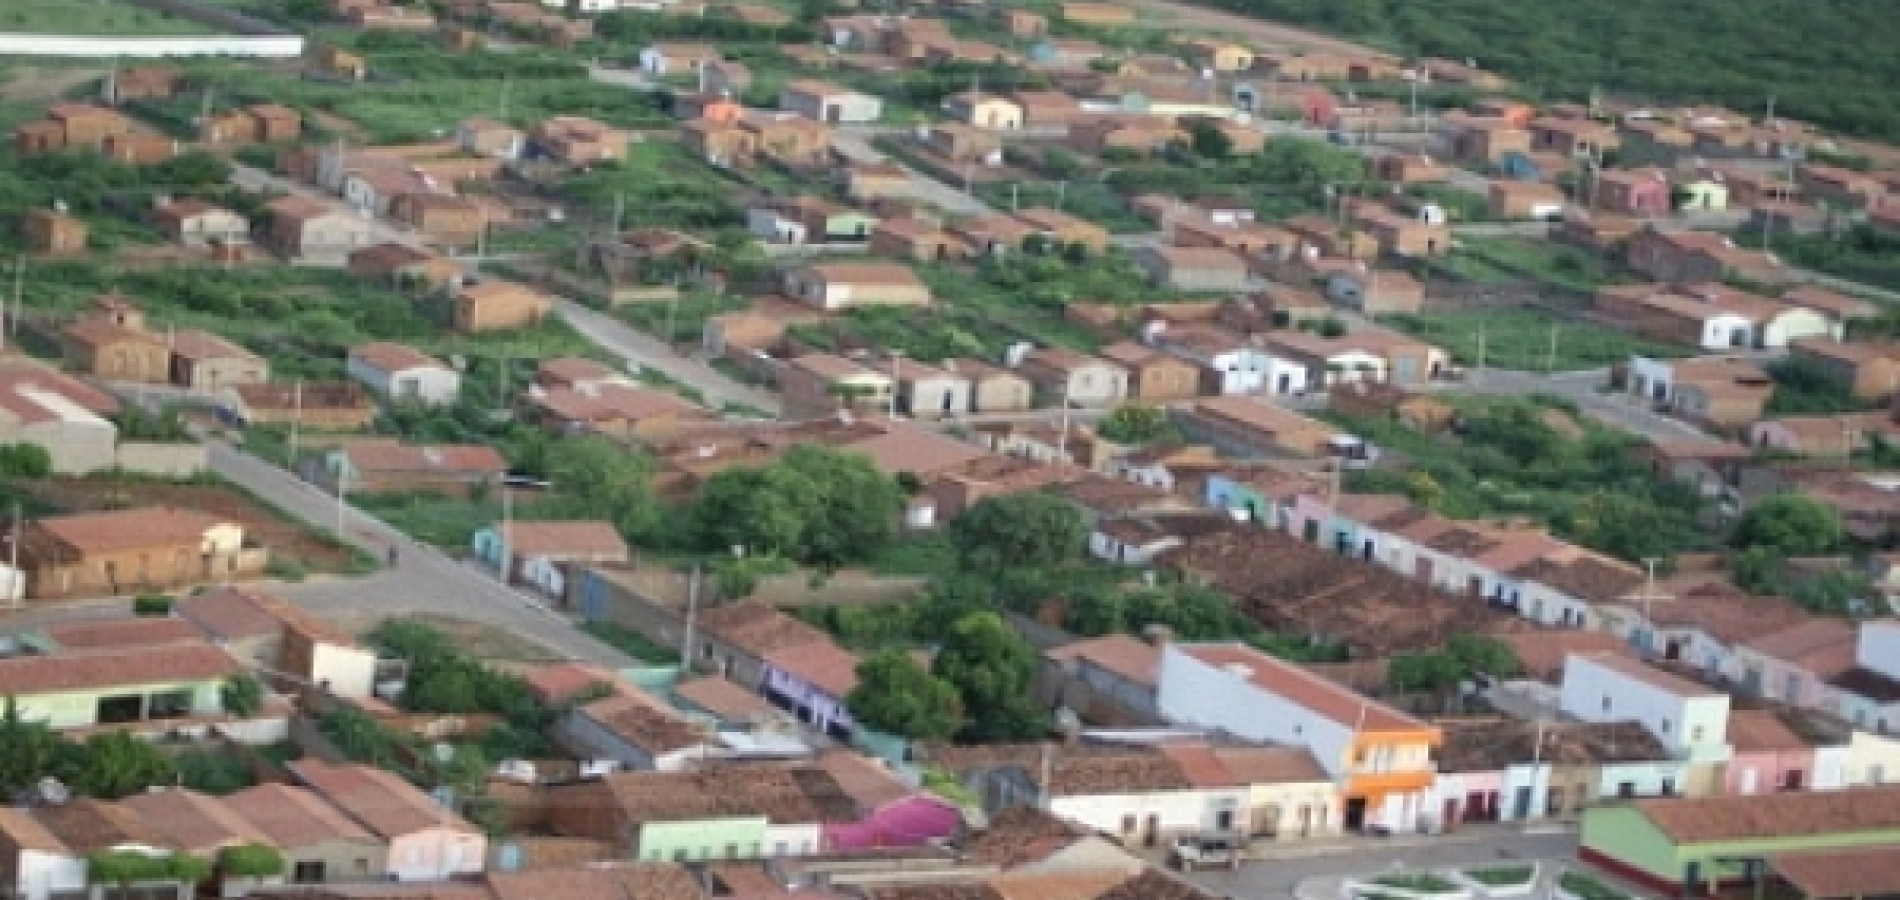 Betânia do Piauí Piauí fonte: cidadesnanet.com